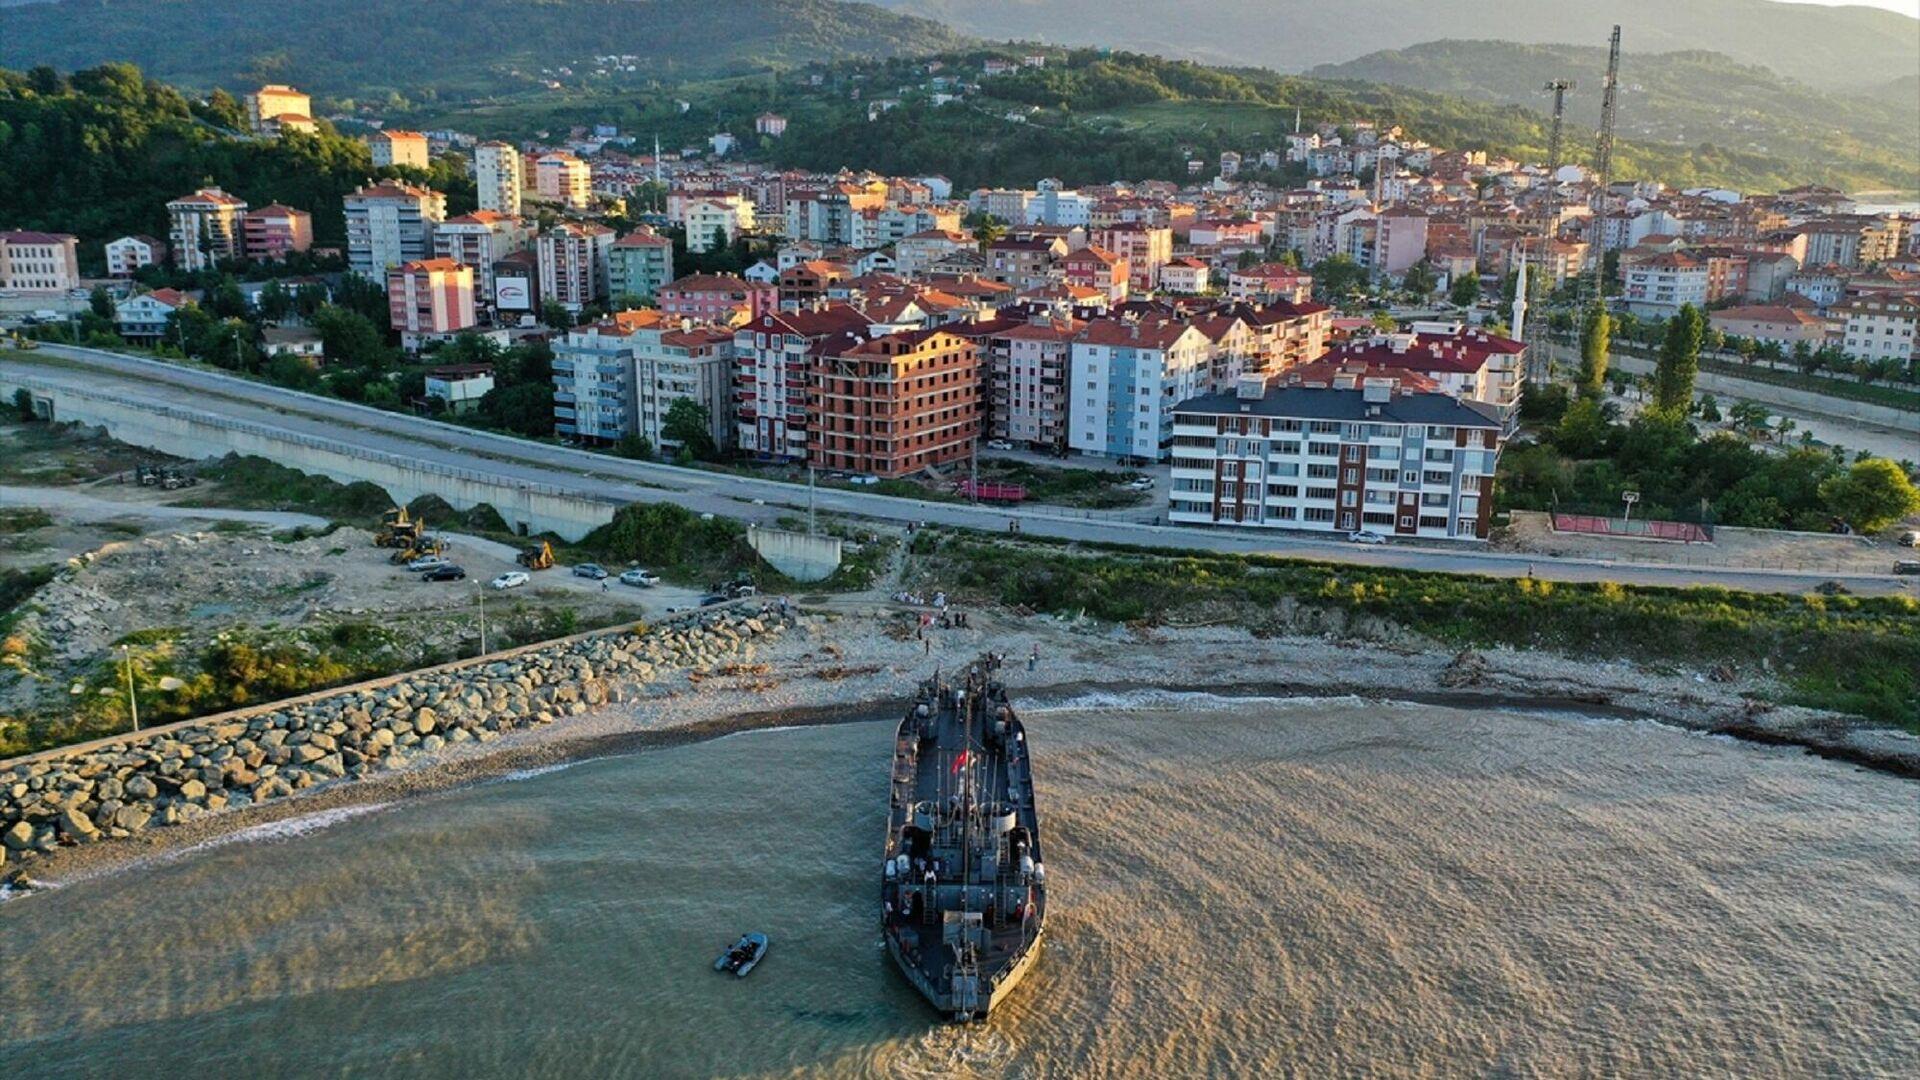 Sel bölgesinde kullanılacak iş makinelerini taşıyan Deniz Kuvvetleri Komutanlığının çıkarma gemisi, Sinop'un Türkeli ilçesine ulaştı. TCGÇ-144 isimli çıkarma gemisine Kastamonu'nun Abana sahilinden yüklenen 7 iş makinesi, 2 saatlik yolculuğun ardından Türkeli'de karaya çıkarıldı.  - Sputnik Türkiye, 1920, 17.08.2021